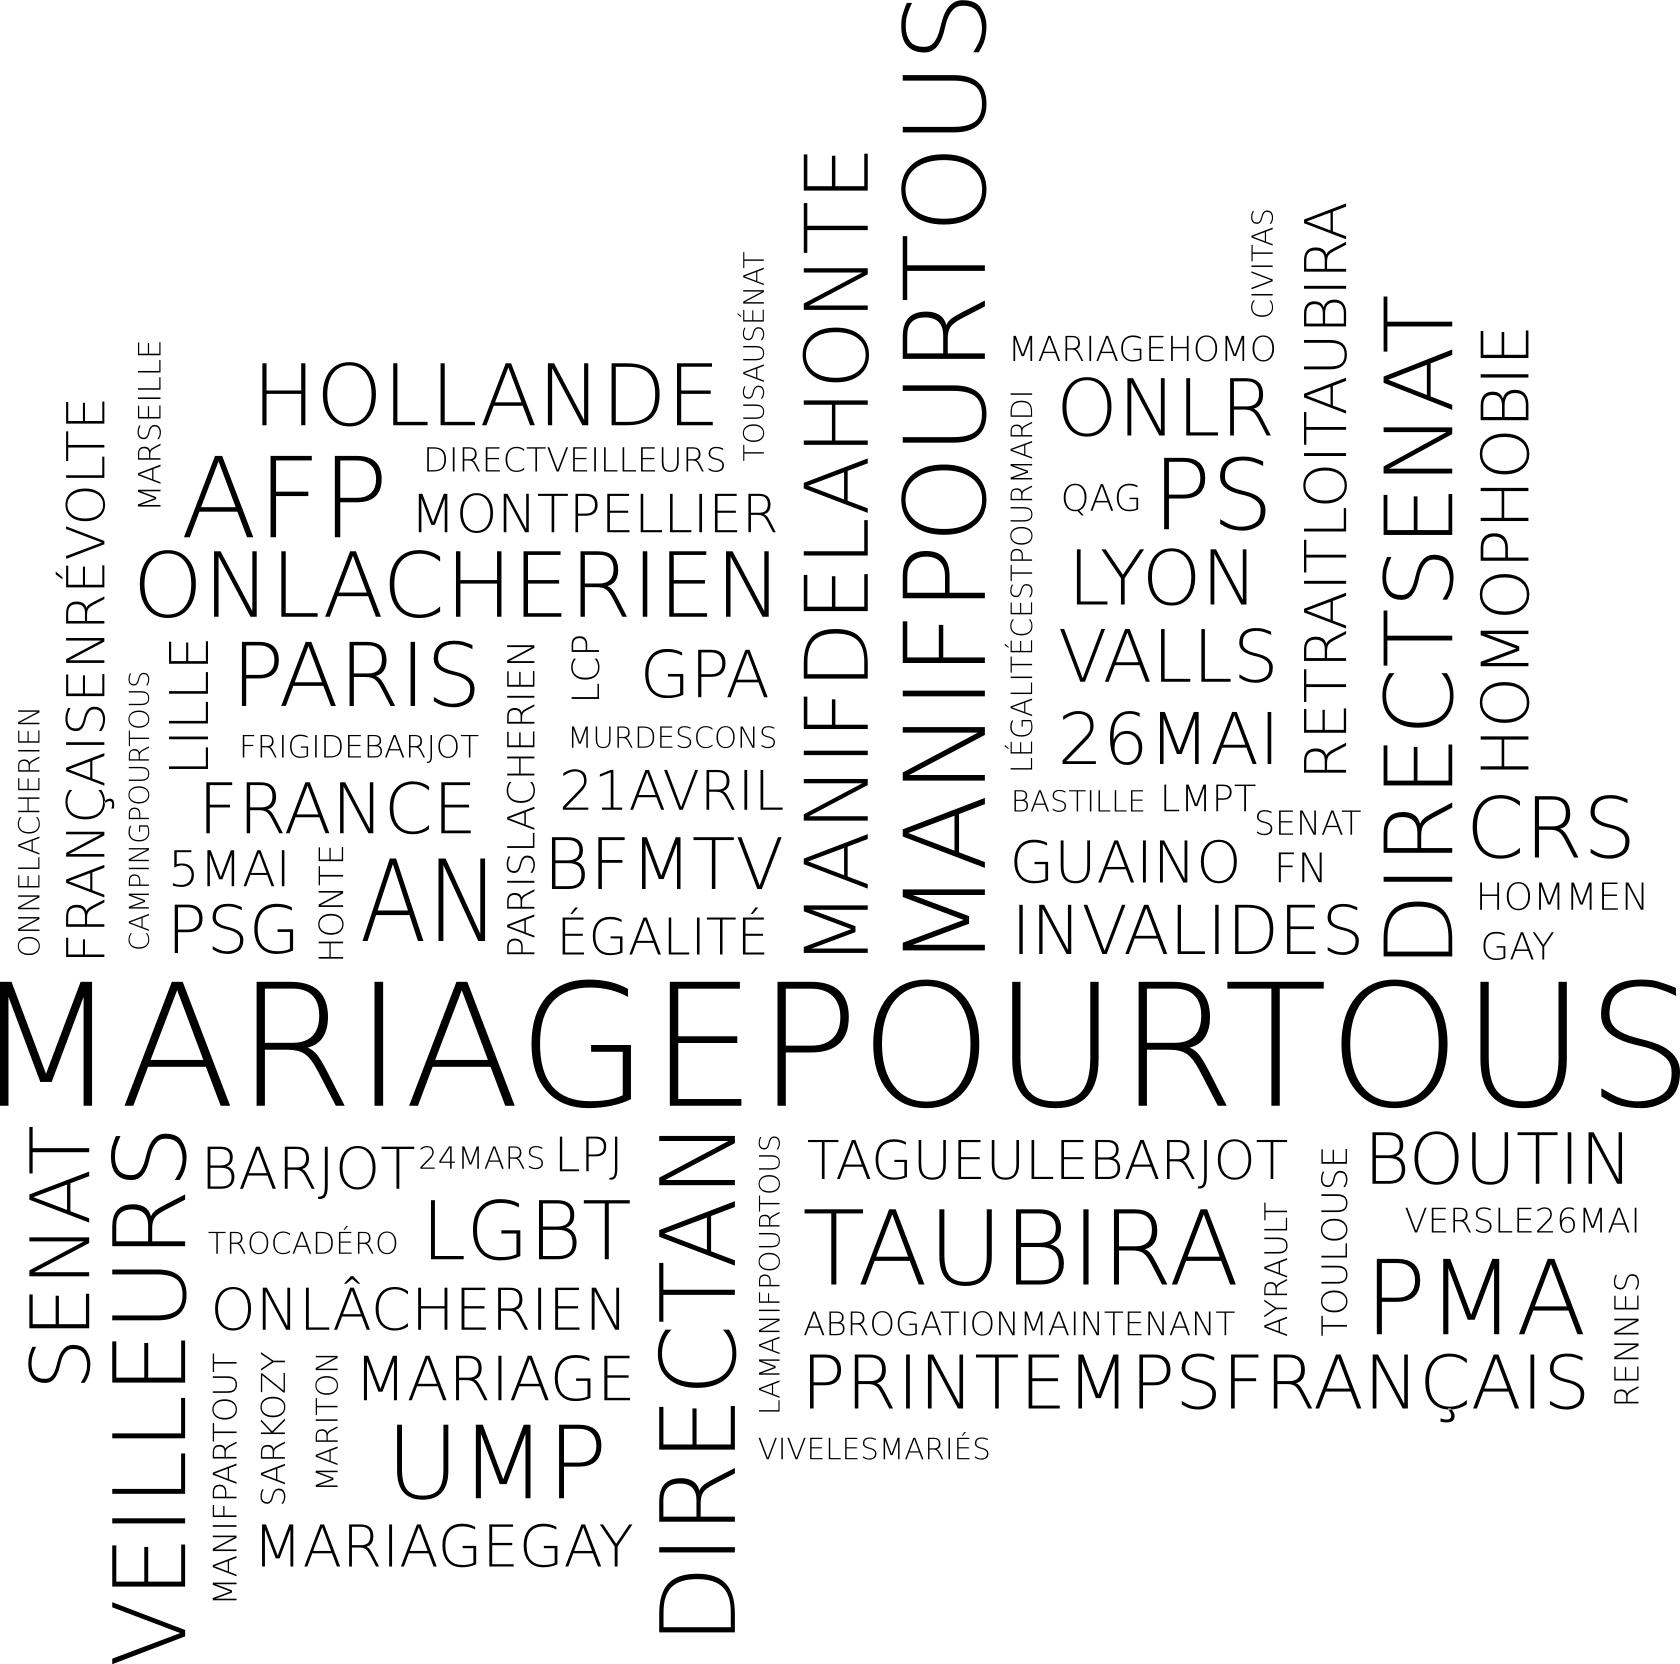 nuage de hashtags collectés dans twitter durant le débat à l'assemblée nationale sur l'ouverture du mariage aux personnes de même sexe